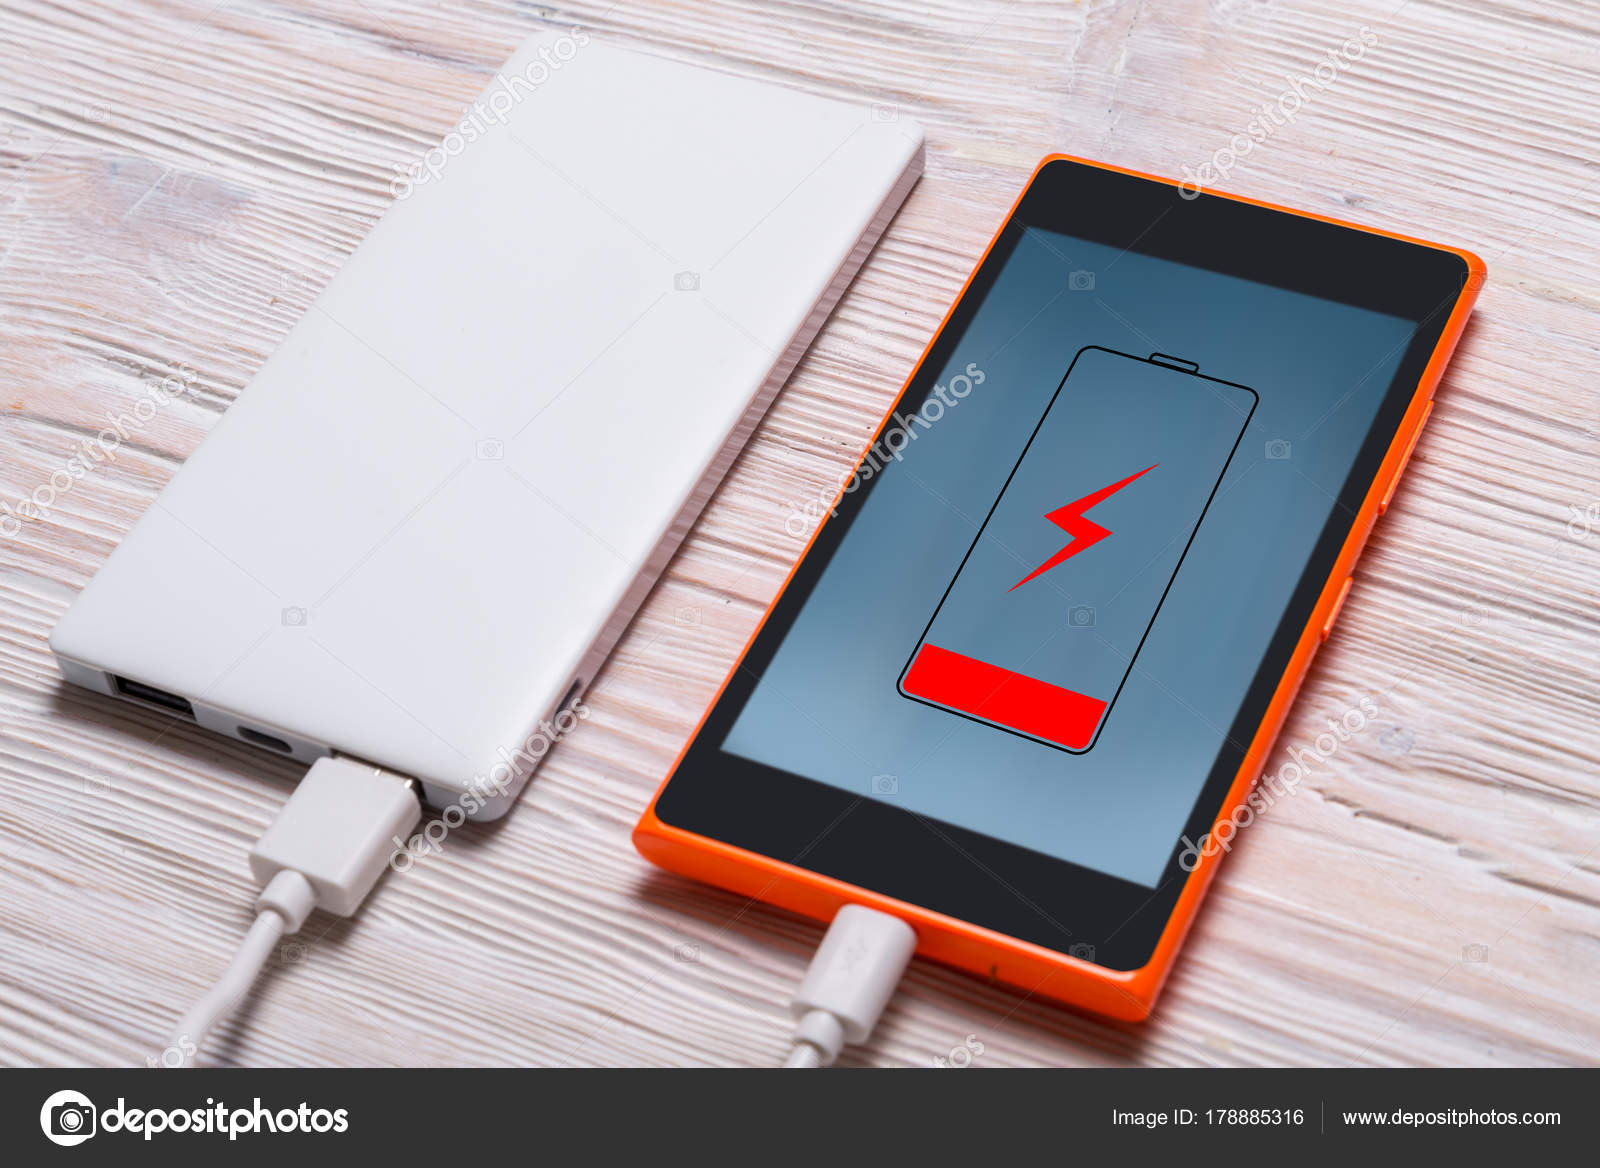 Beeindruckend Smart Bank Foto Von Power For Phone On Wood Background —